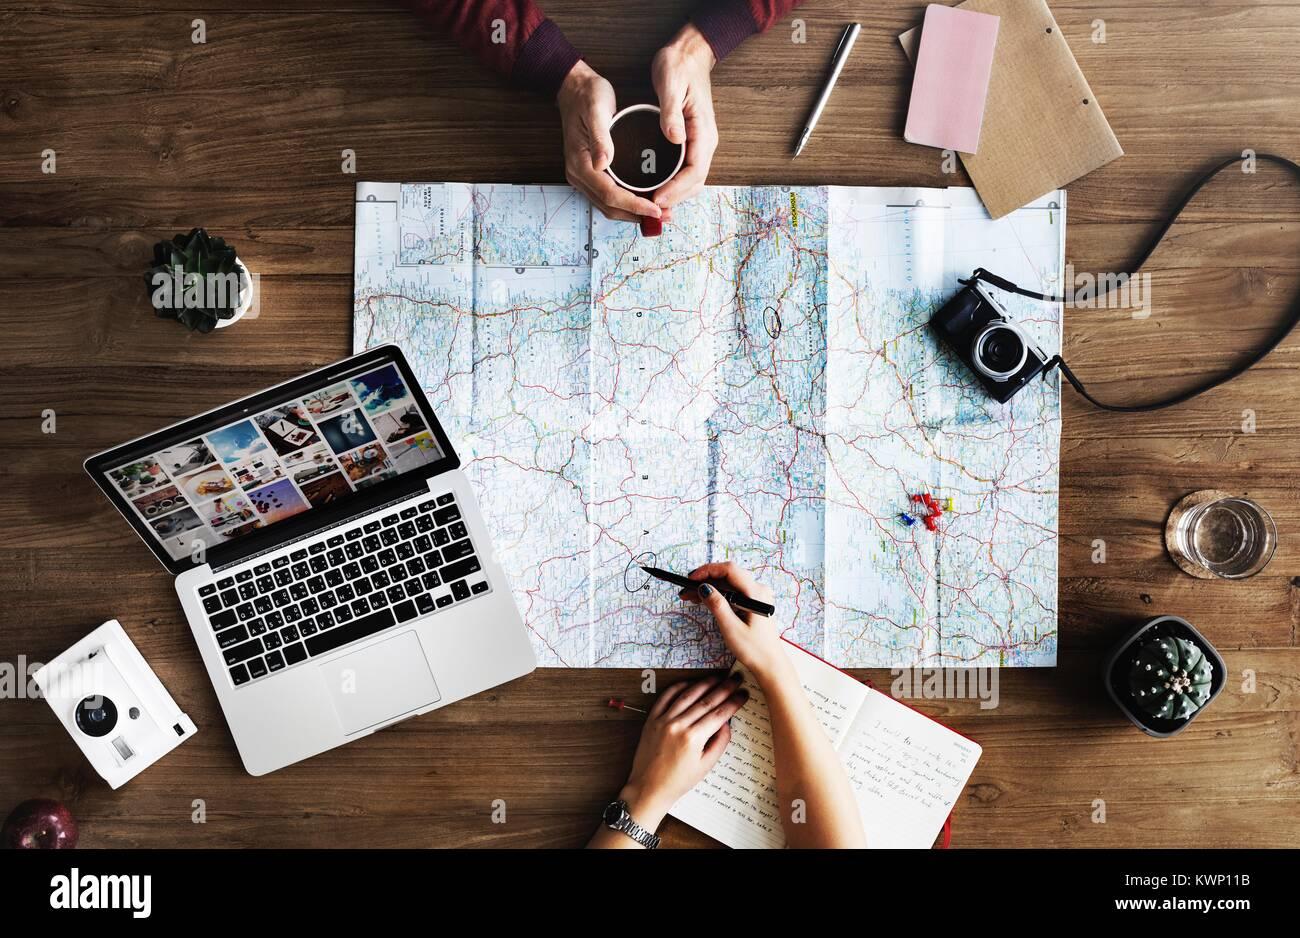 Viaggiatori millenario pianificare una nuova avventura Immagini Stock